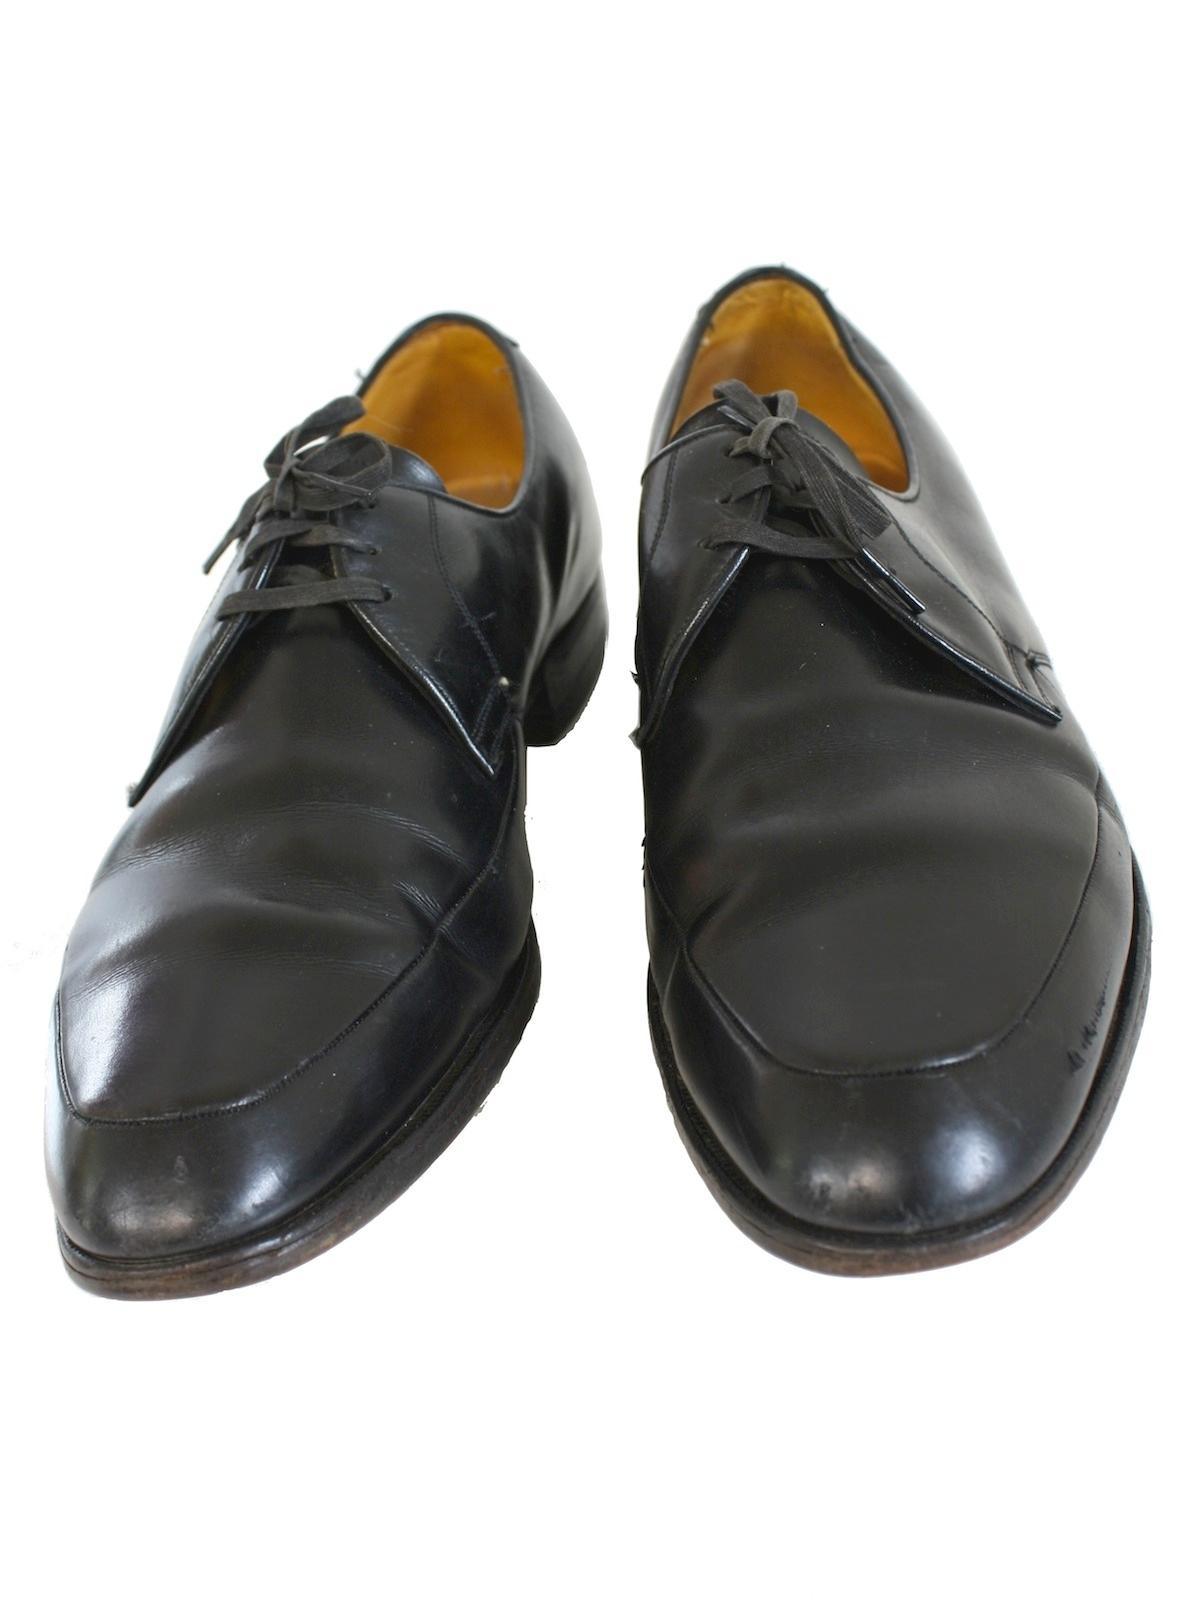 32d46b0ec65b4 1960's Florsheim Mens Mod Oxfords Shoes